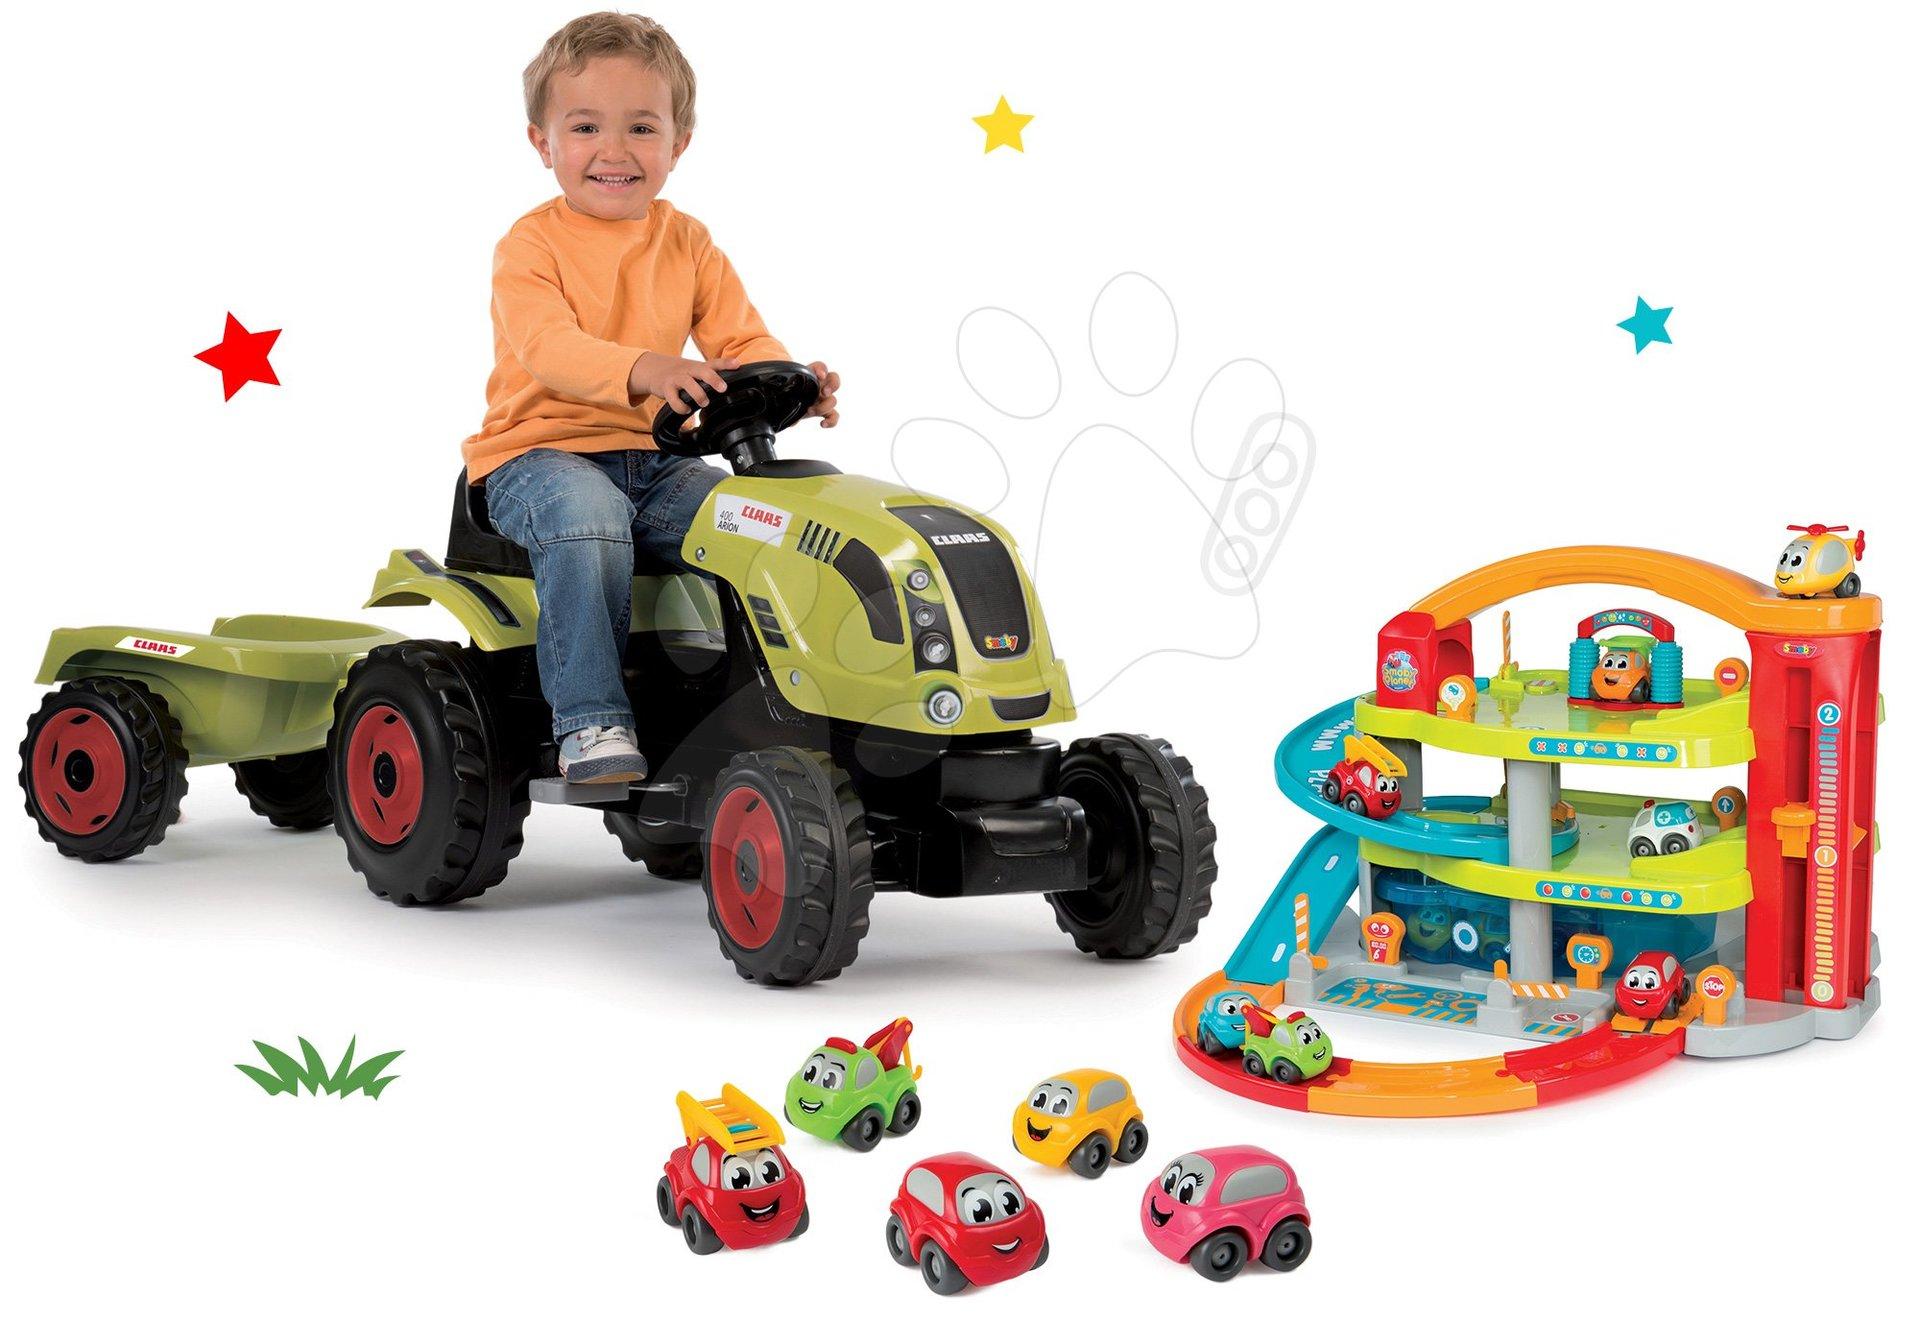 Smoby set traktor Claas Farmer XL na šlapání s přívěsem, dvoupatrová garáž Vroom Planet Grand a 5 autíček 710114-3